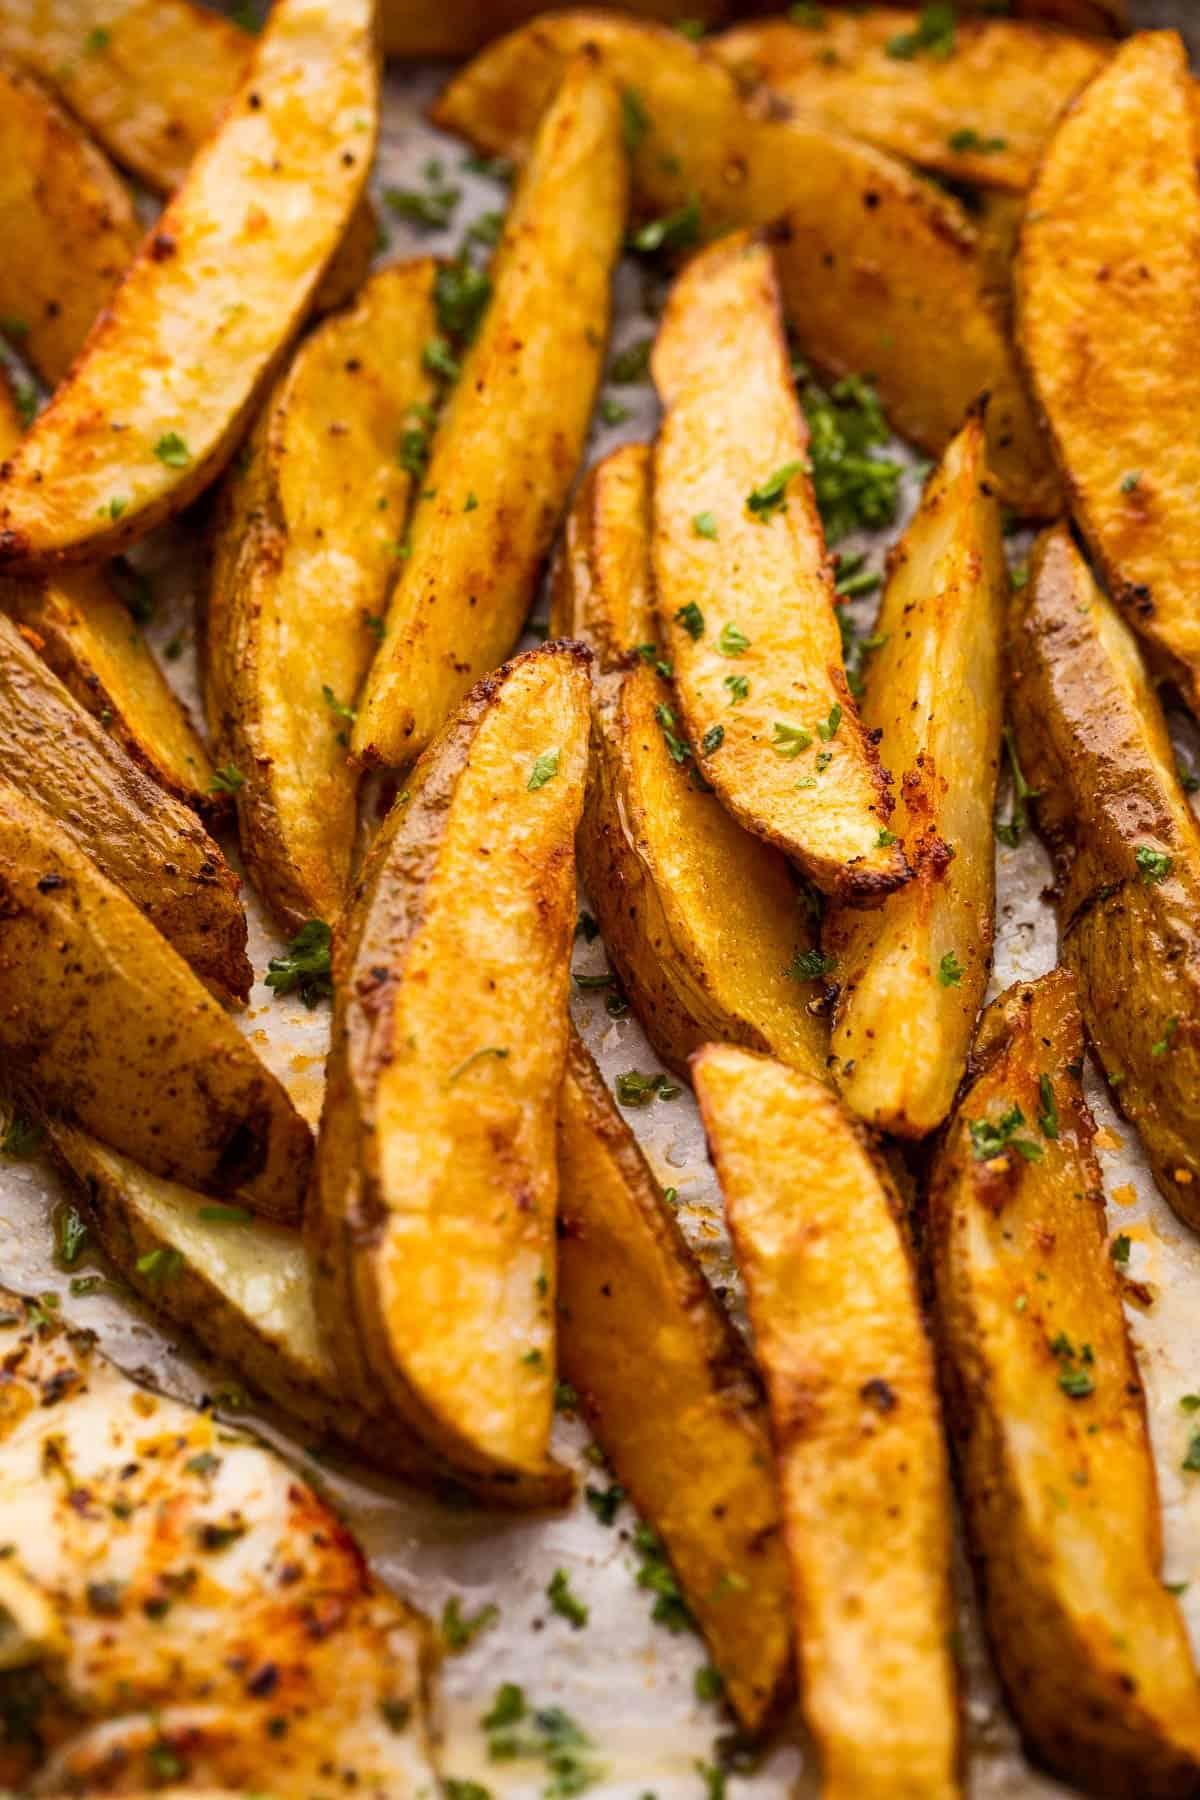 close up photo of baked potato wedges